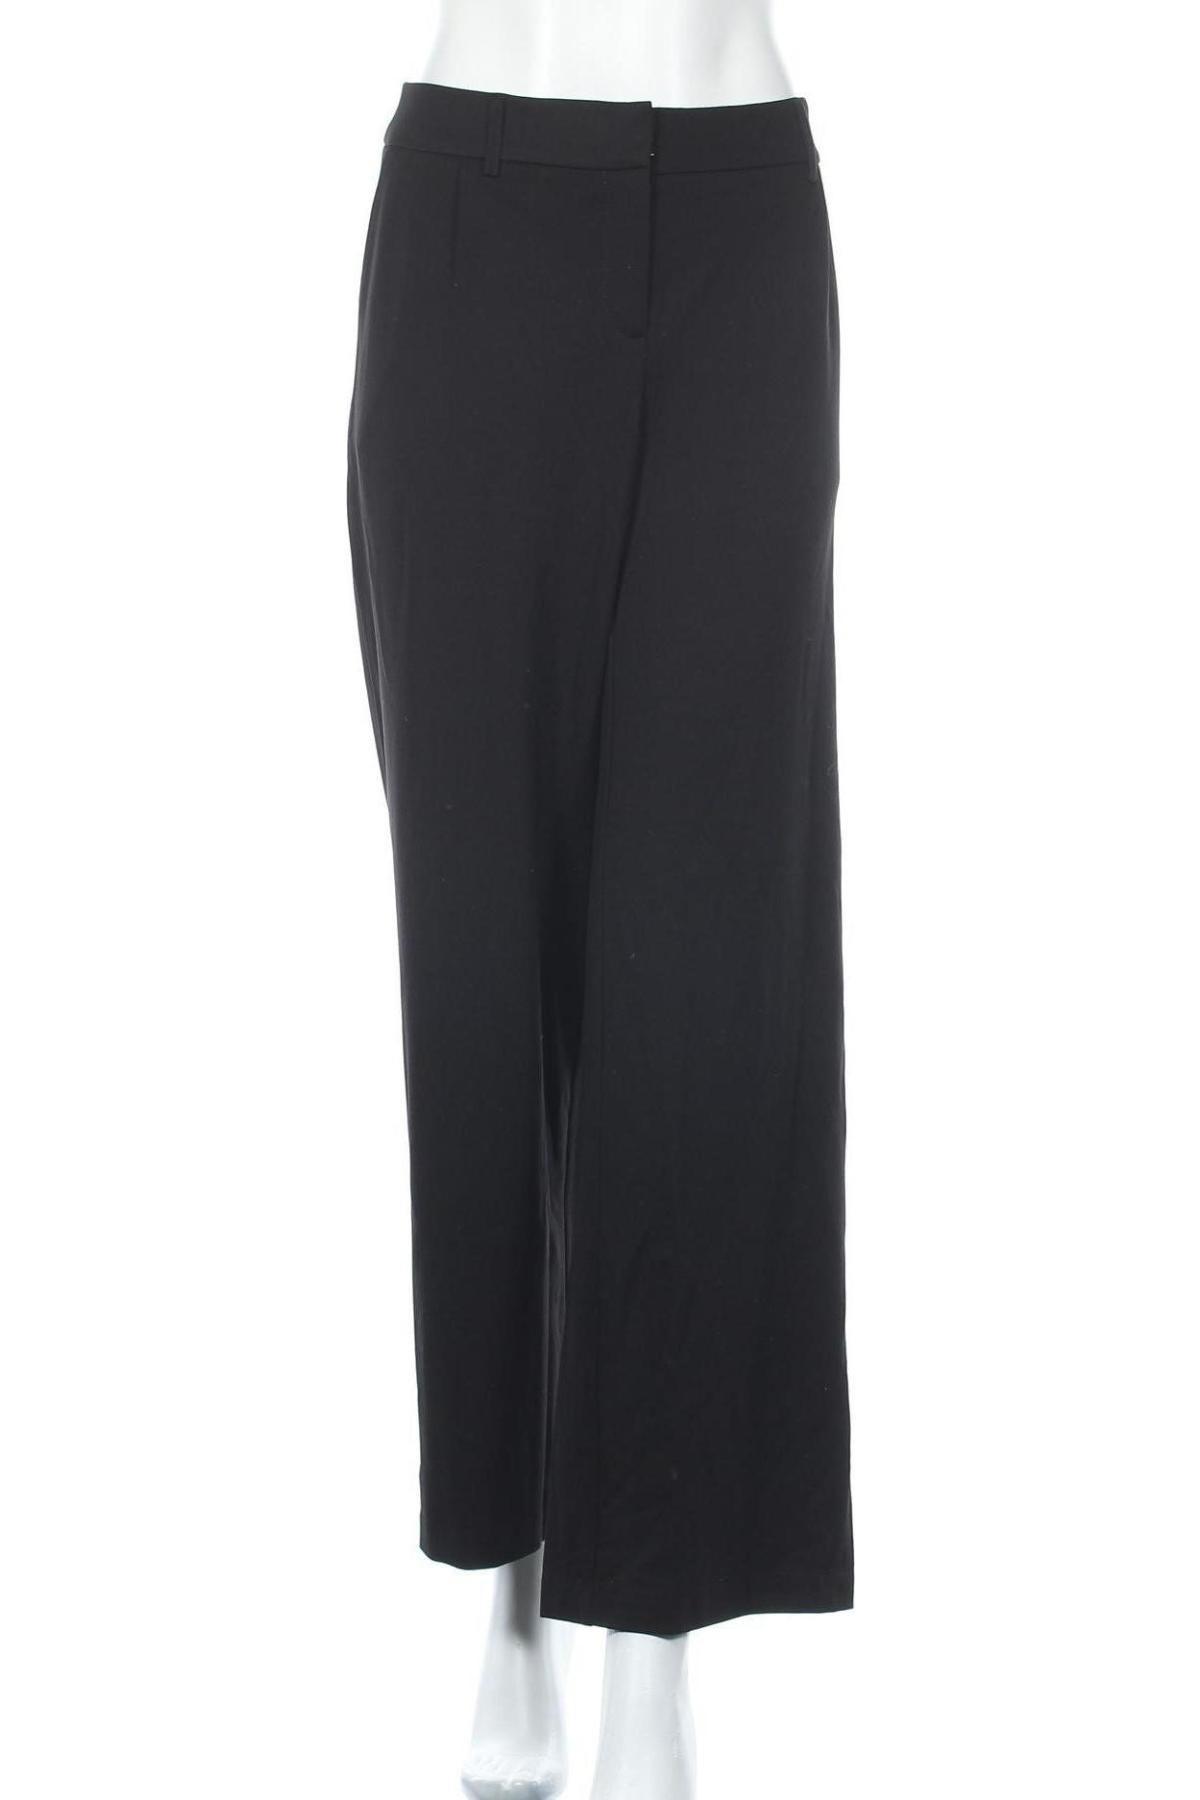 Дамски панталон S.Oliver, Размер L, Цвят Черен, 60% вискоза, 35% полиамид, 5% еластан, Цена 21,32лв.